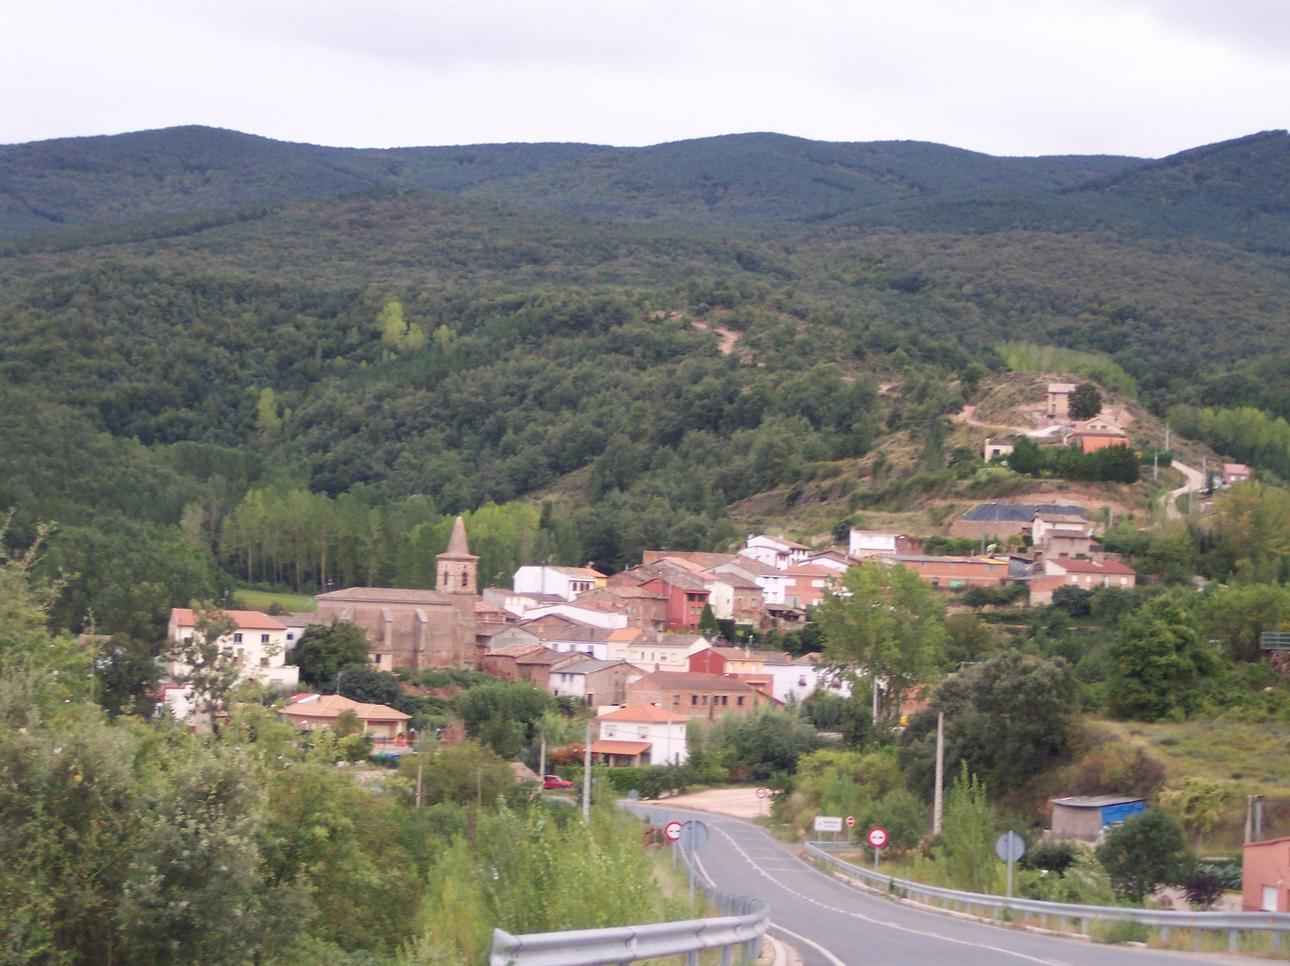 Depiction of Daroca de Rioja